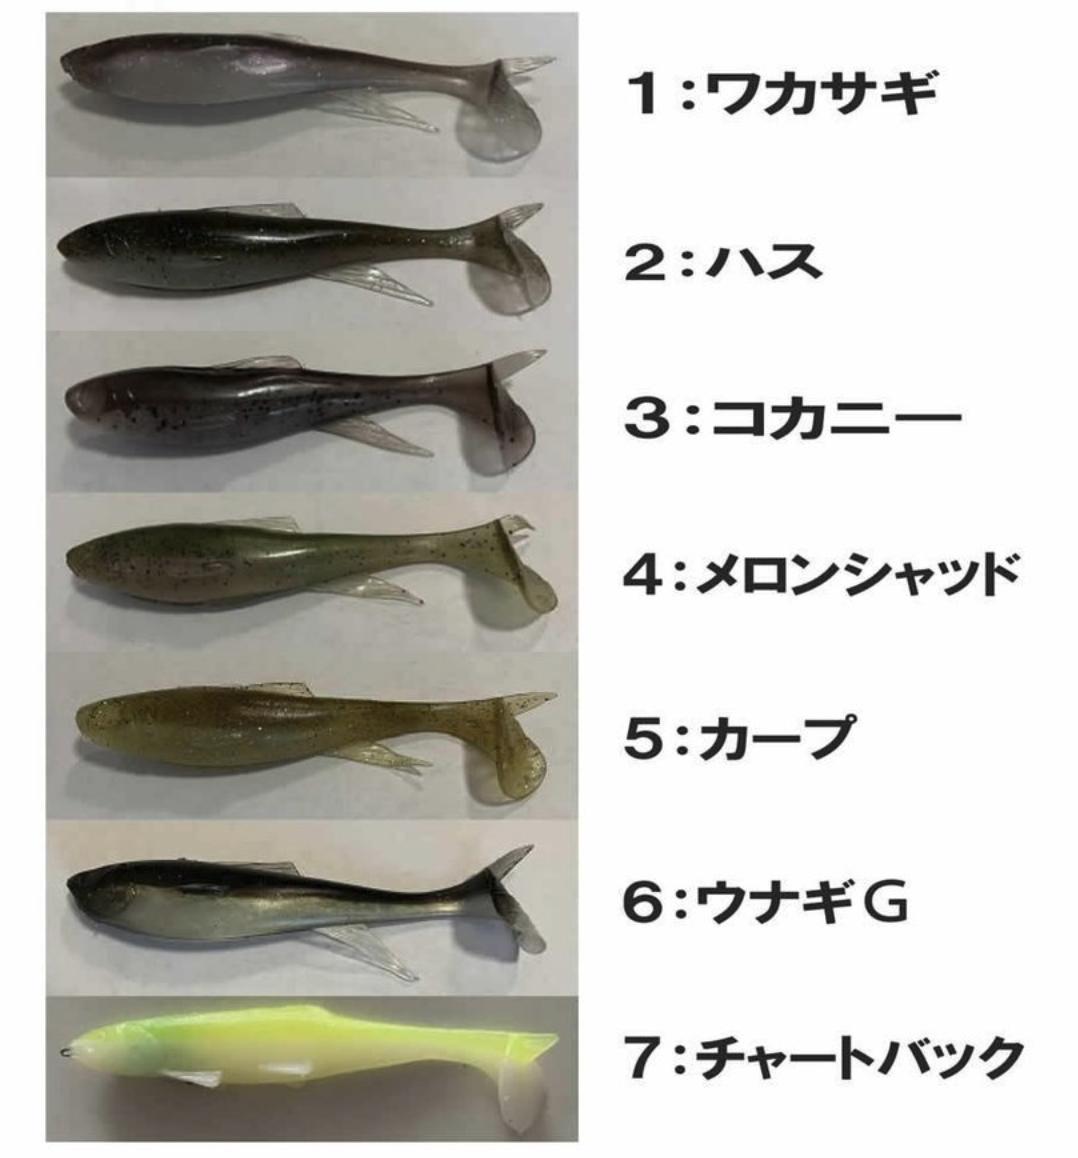 f:id:basssoku:20210224142617p:plain